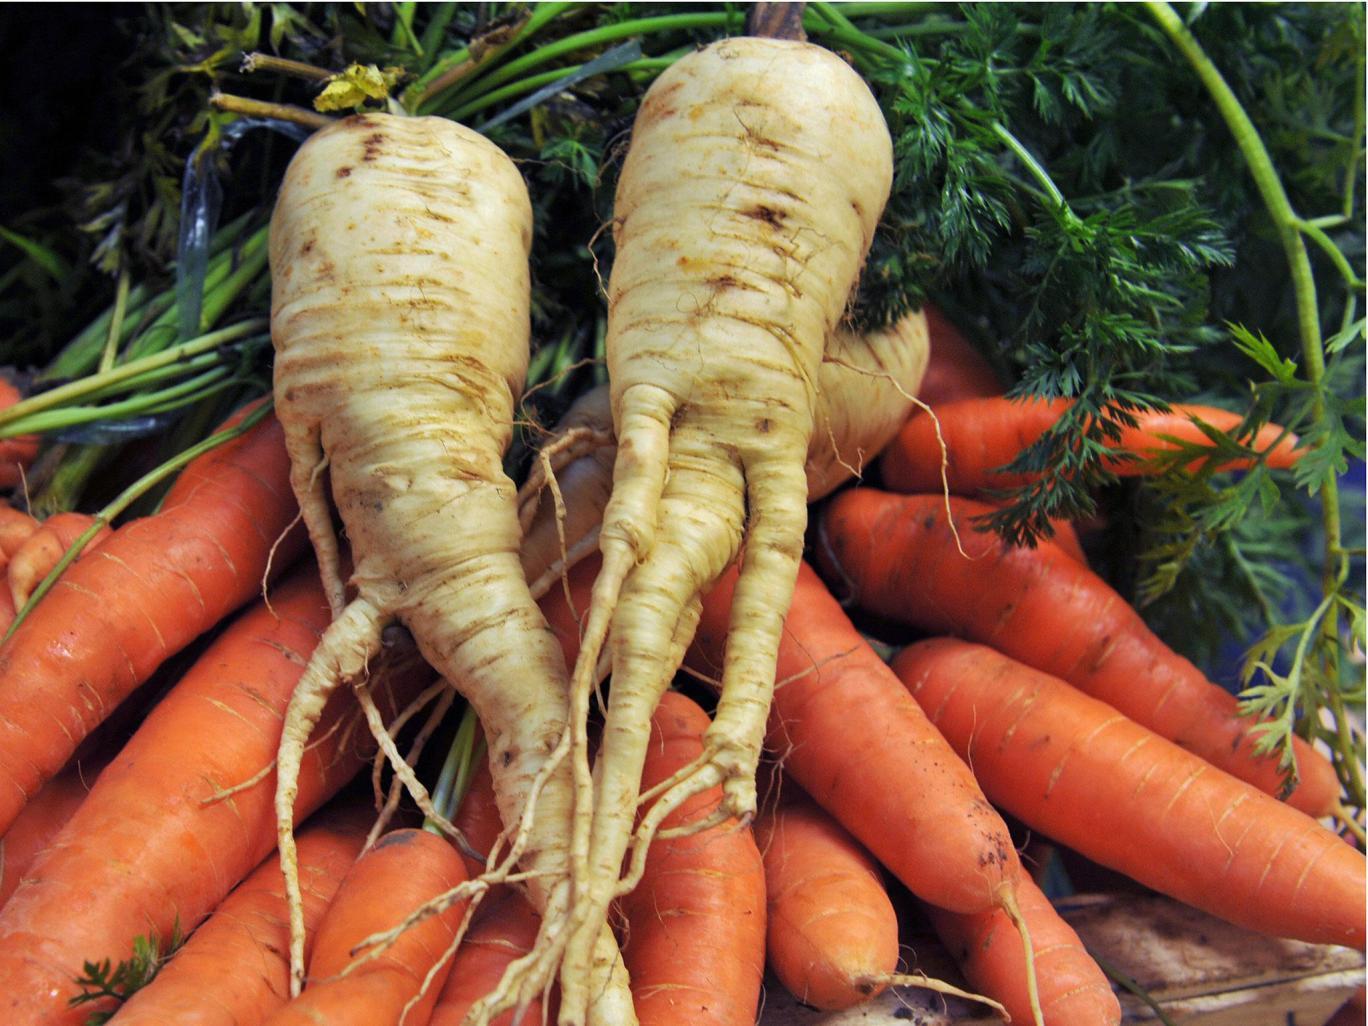 """محلات السوبر ماركت استُحِثت بقوة على بيع """"الخضروات غير منتظمة الشكل"""" كداعم لخفض النفايات الغذائية"""